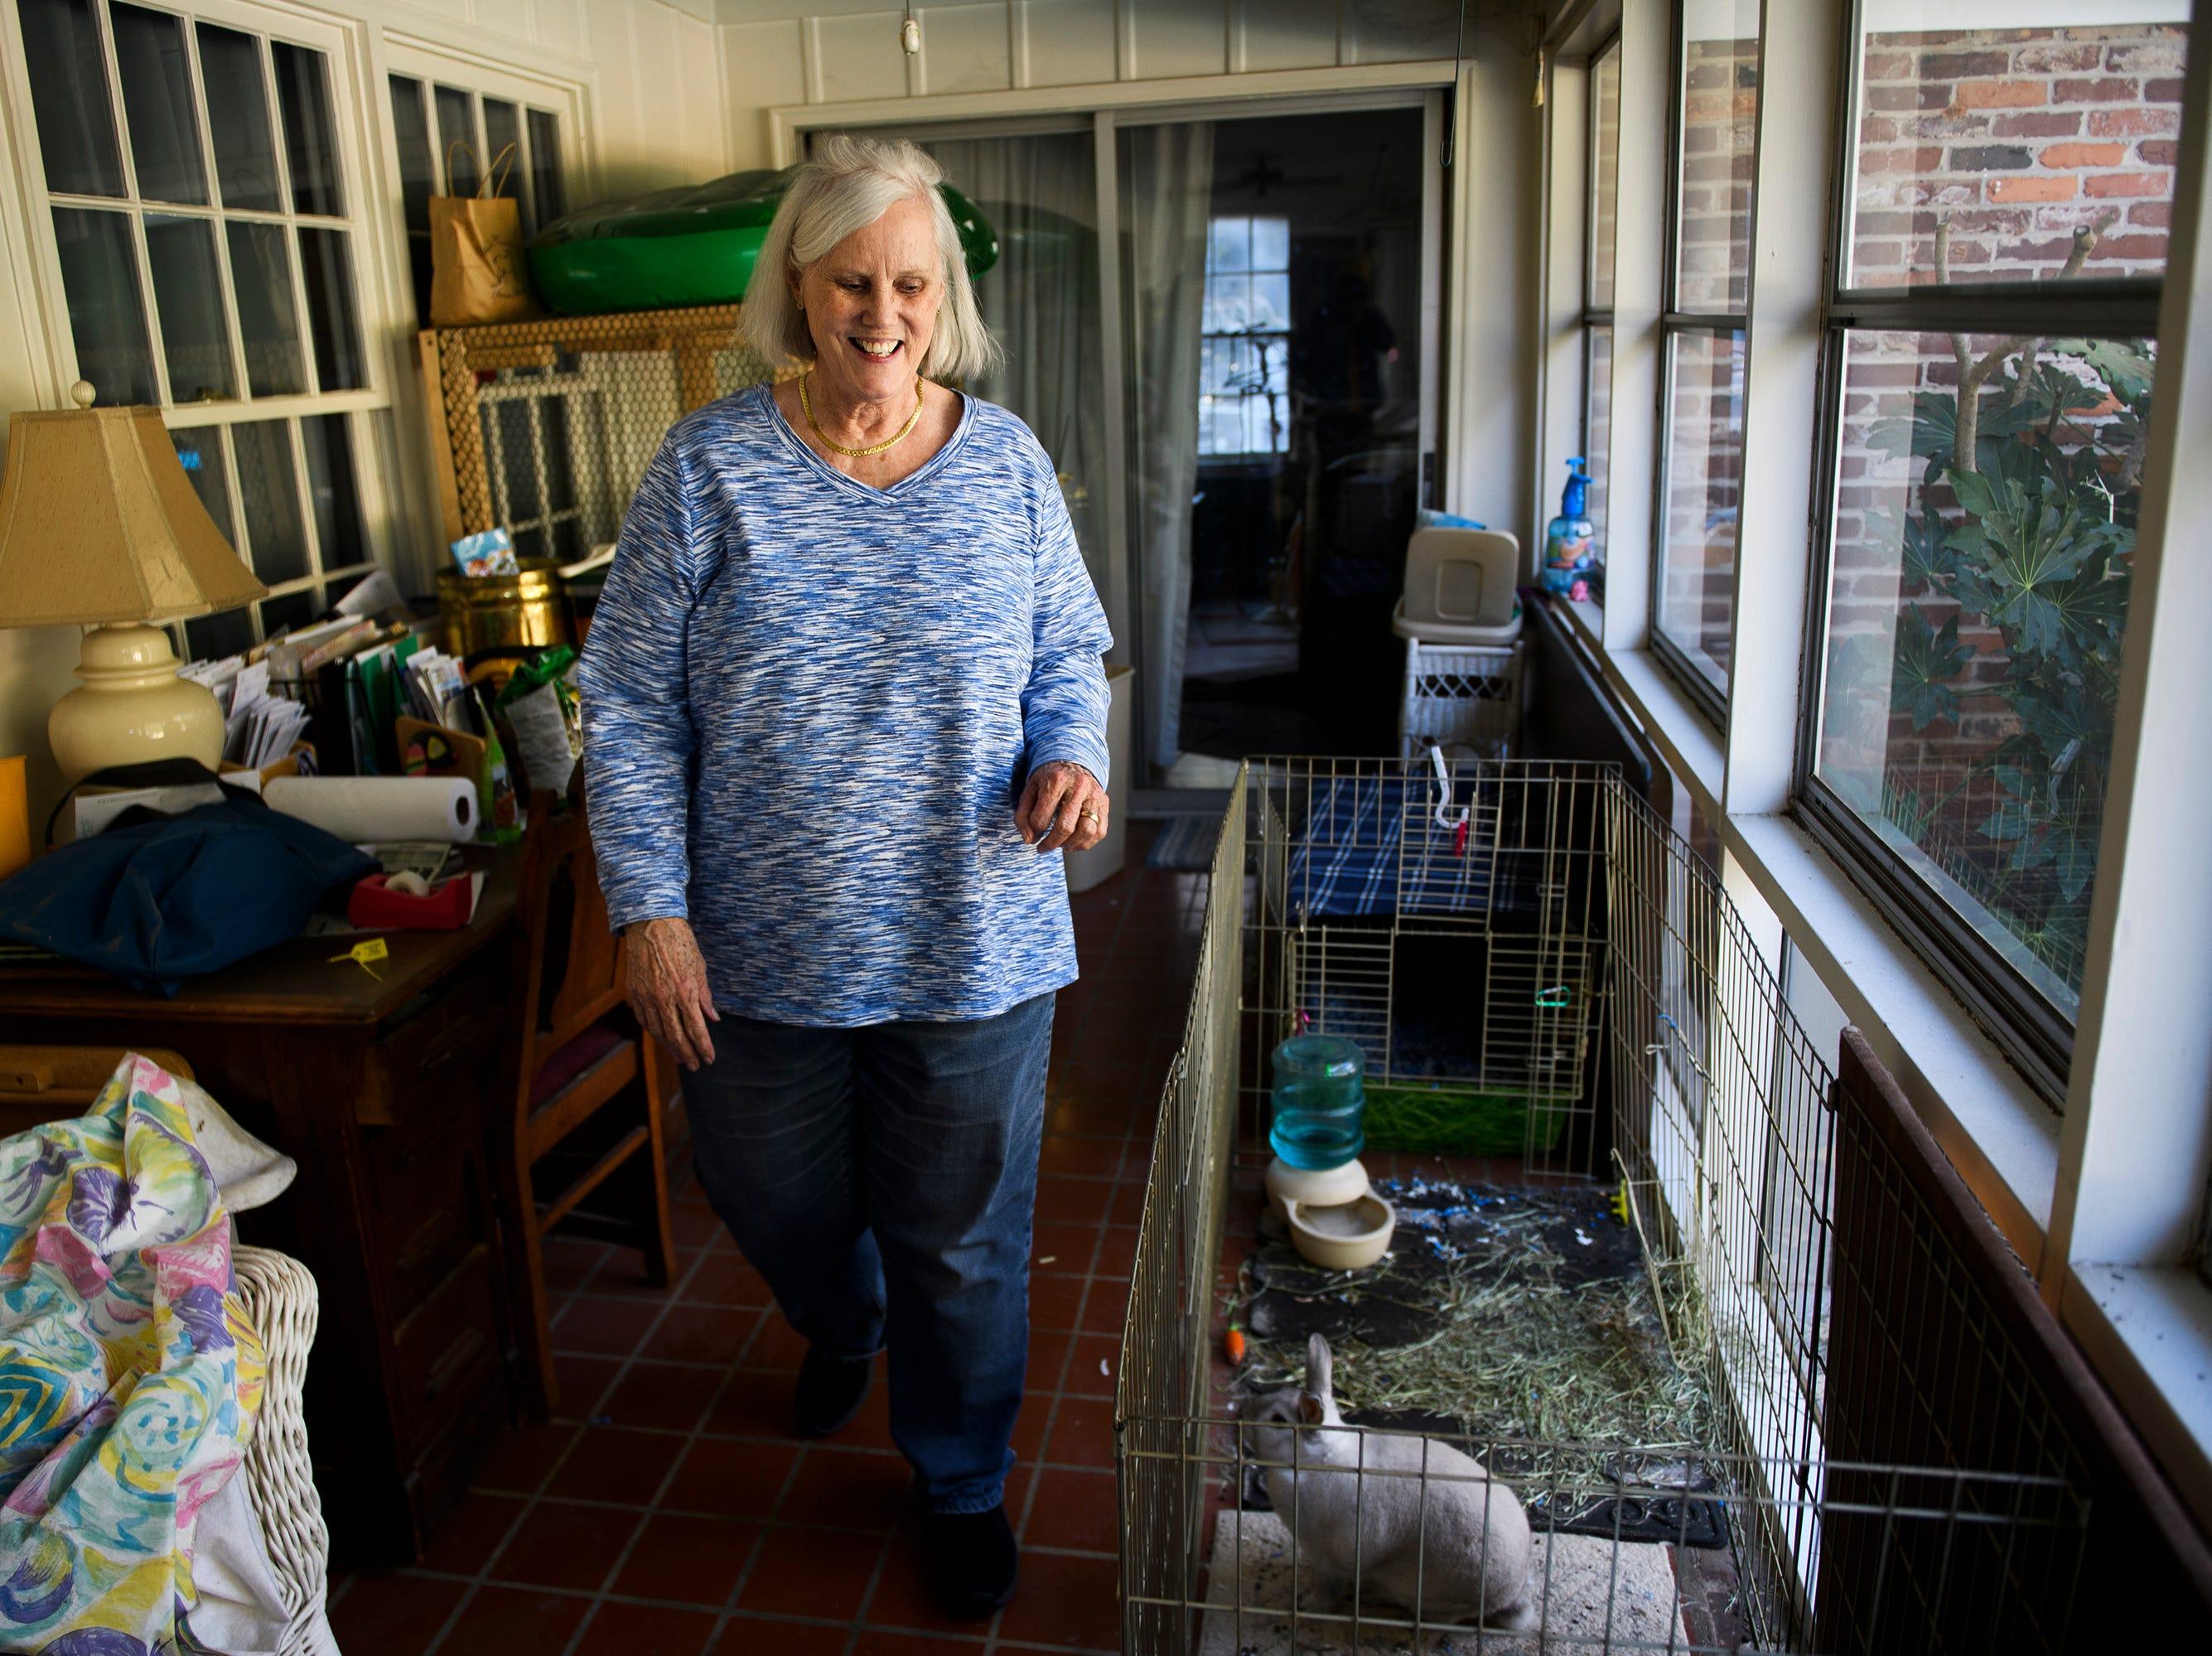 Lovick Richardson walks past her rabbit Bun Bun in her home on Feb. 1, 2019.